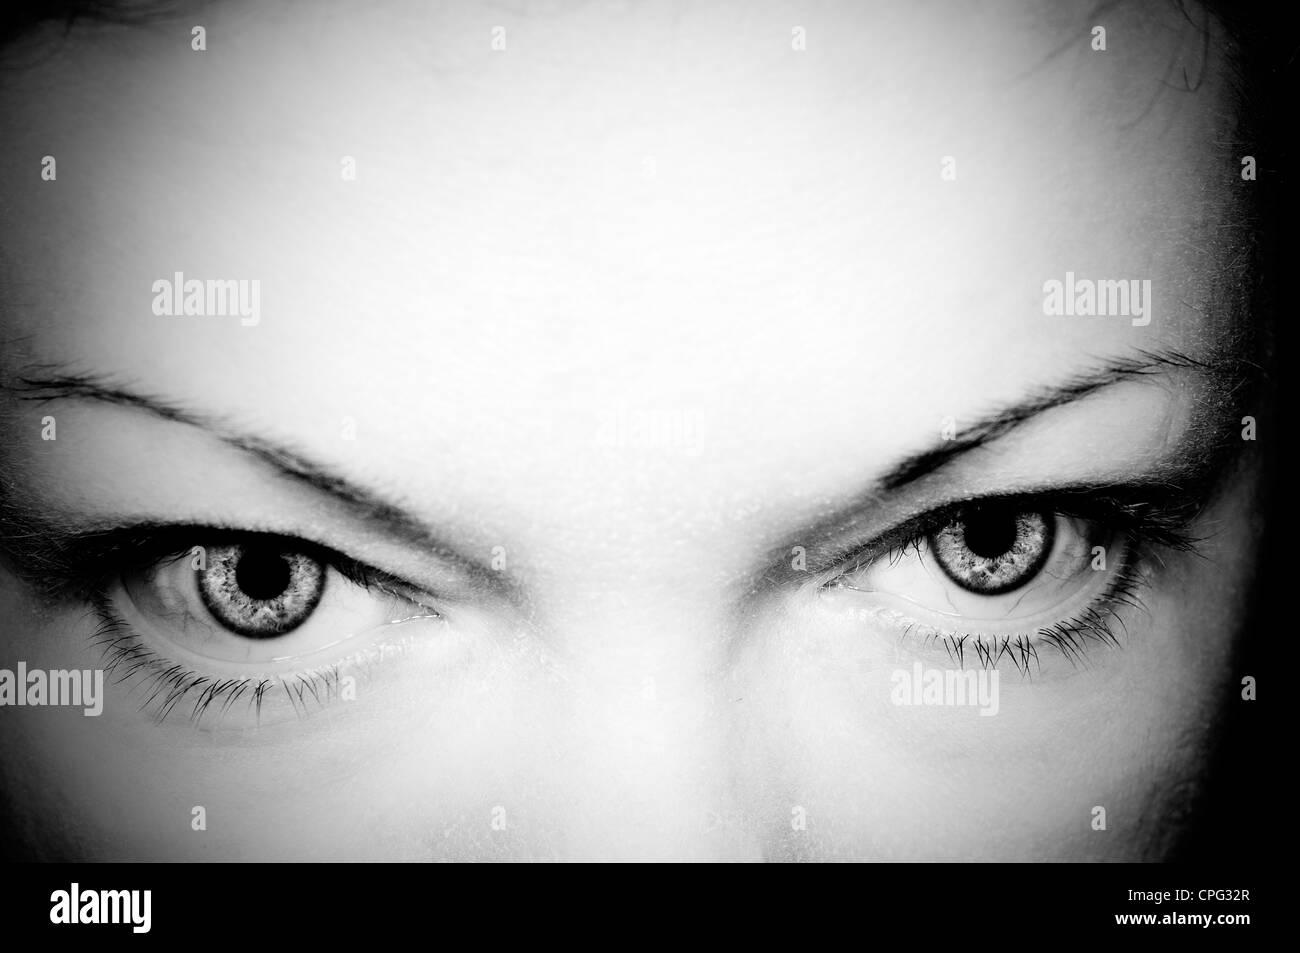 Occhi Immagini Stock